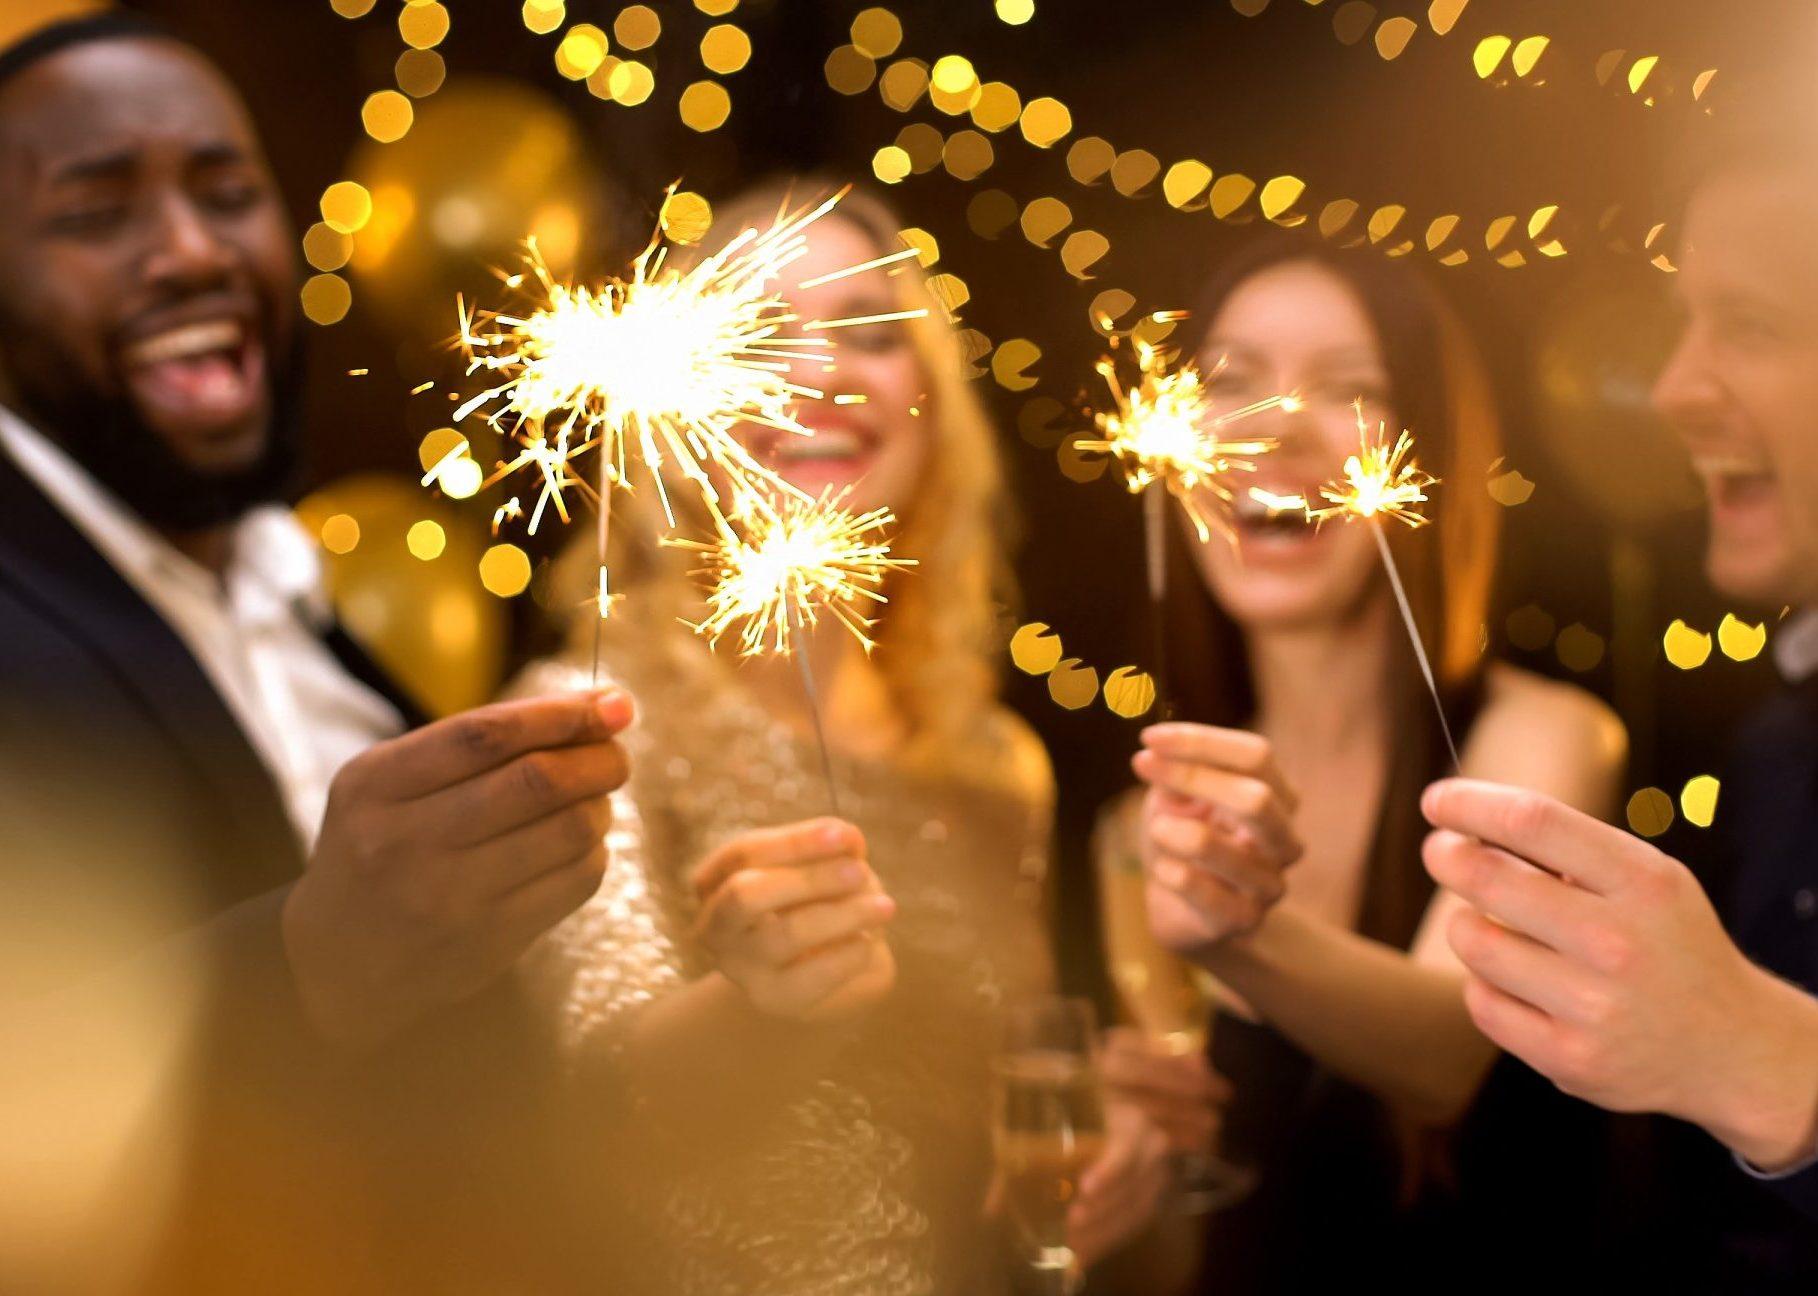 Amis riant et tenant des bougies scintillantes au cours d'une fête